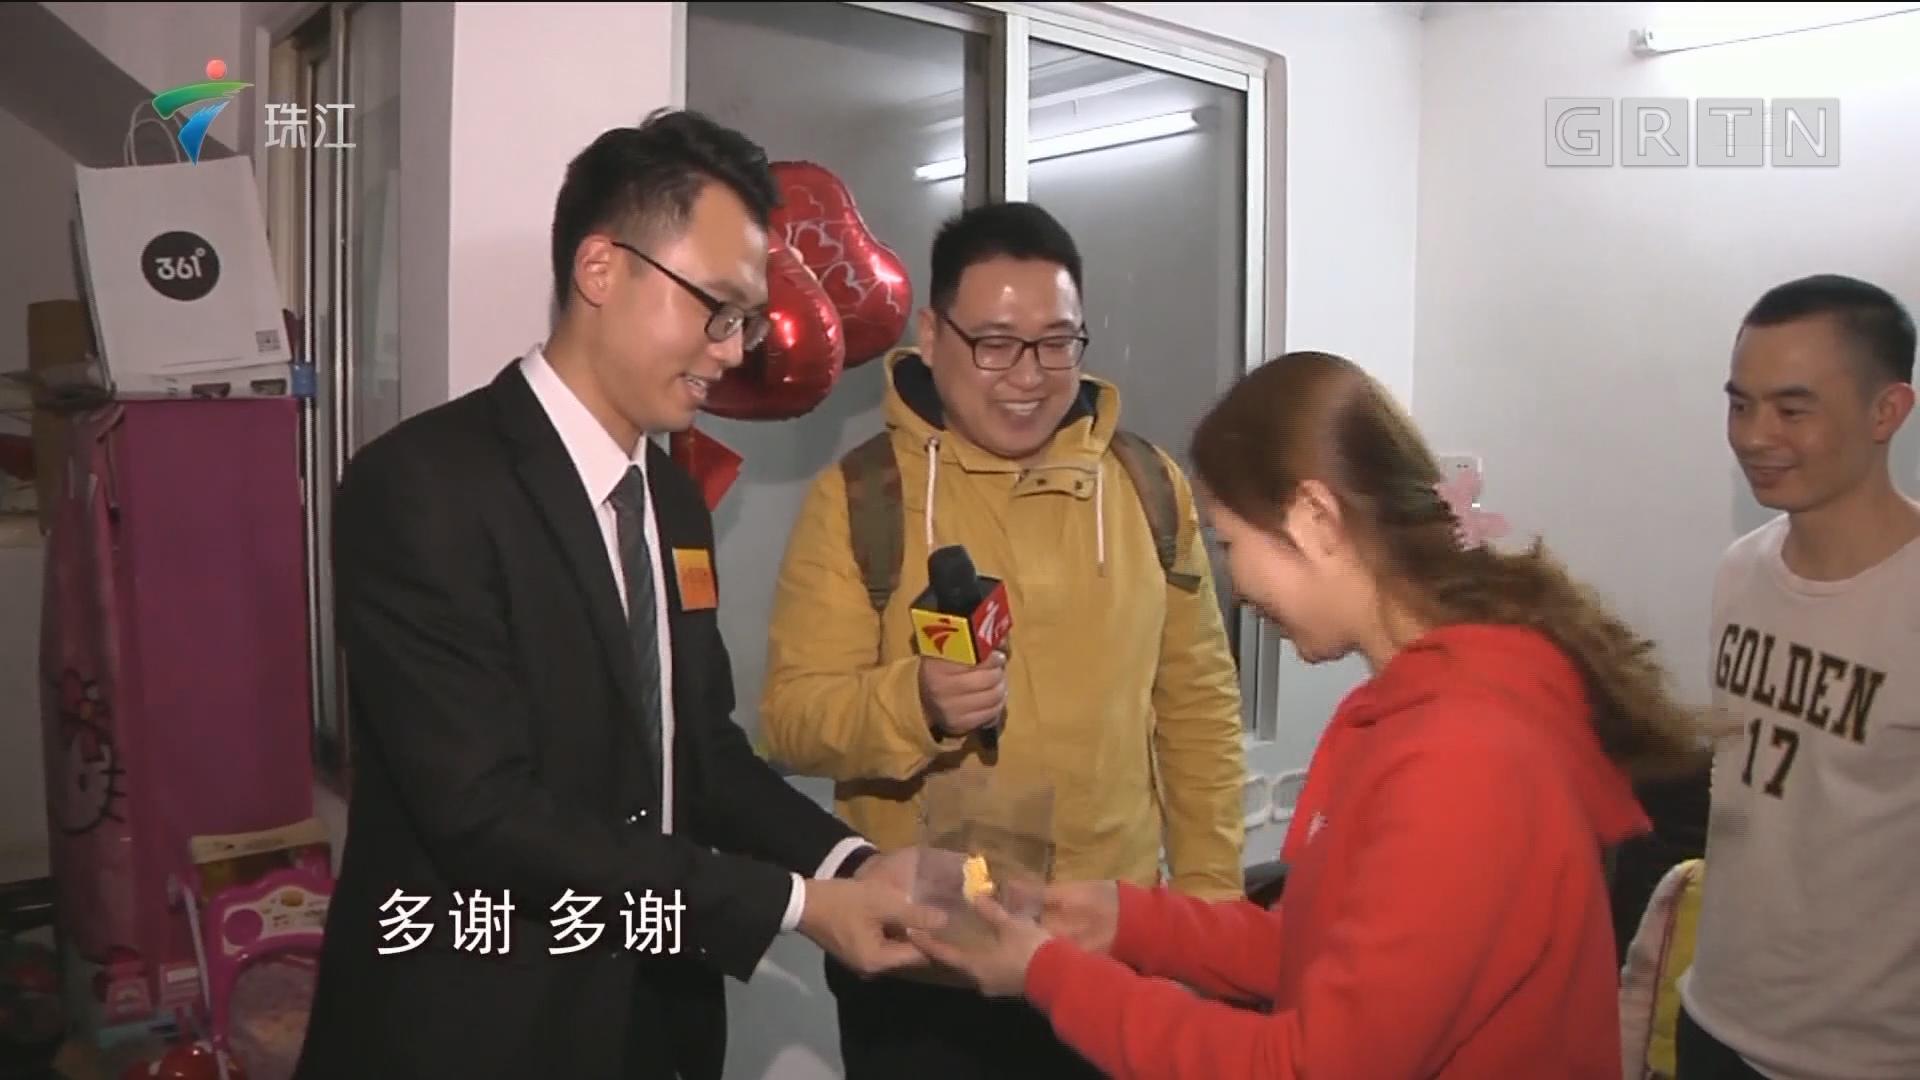 """""""睇关注送大礼""""——广州荔湾忠实拥趸喜获福气金猪"""